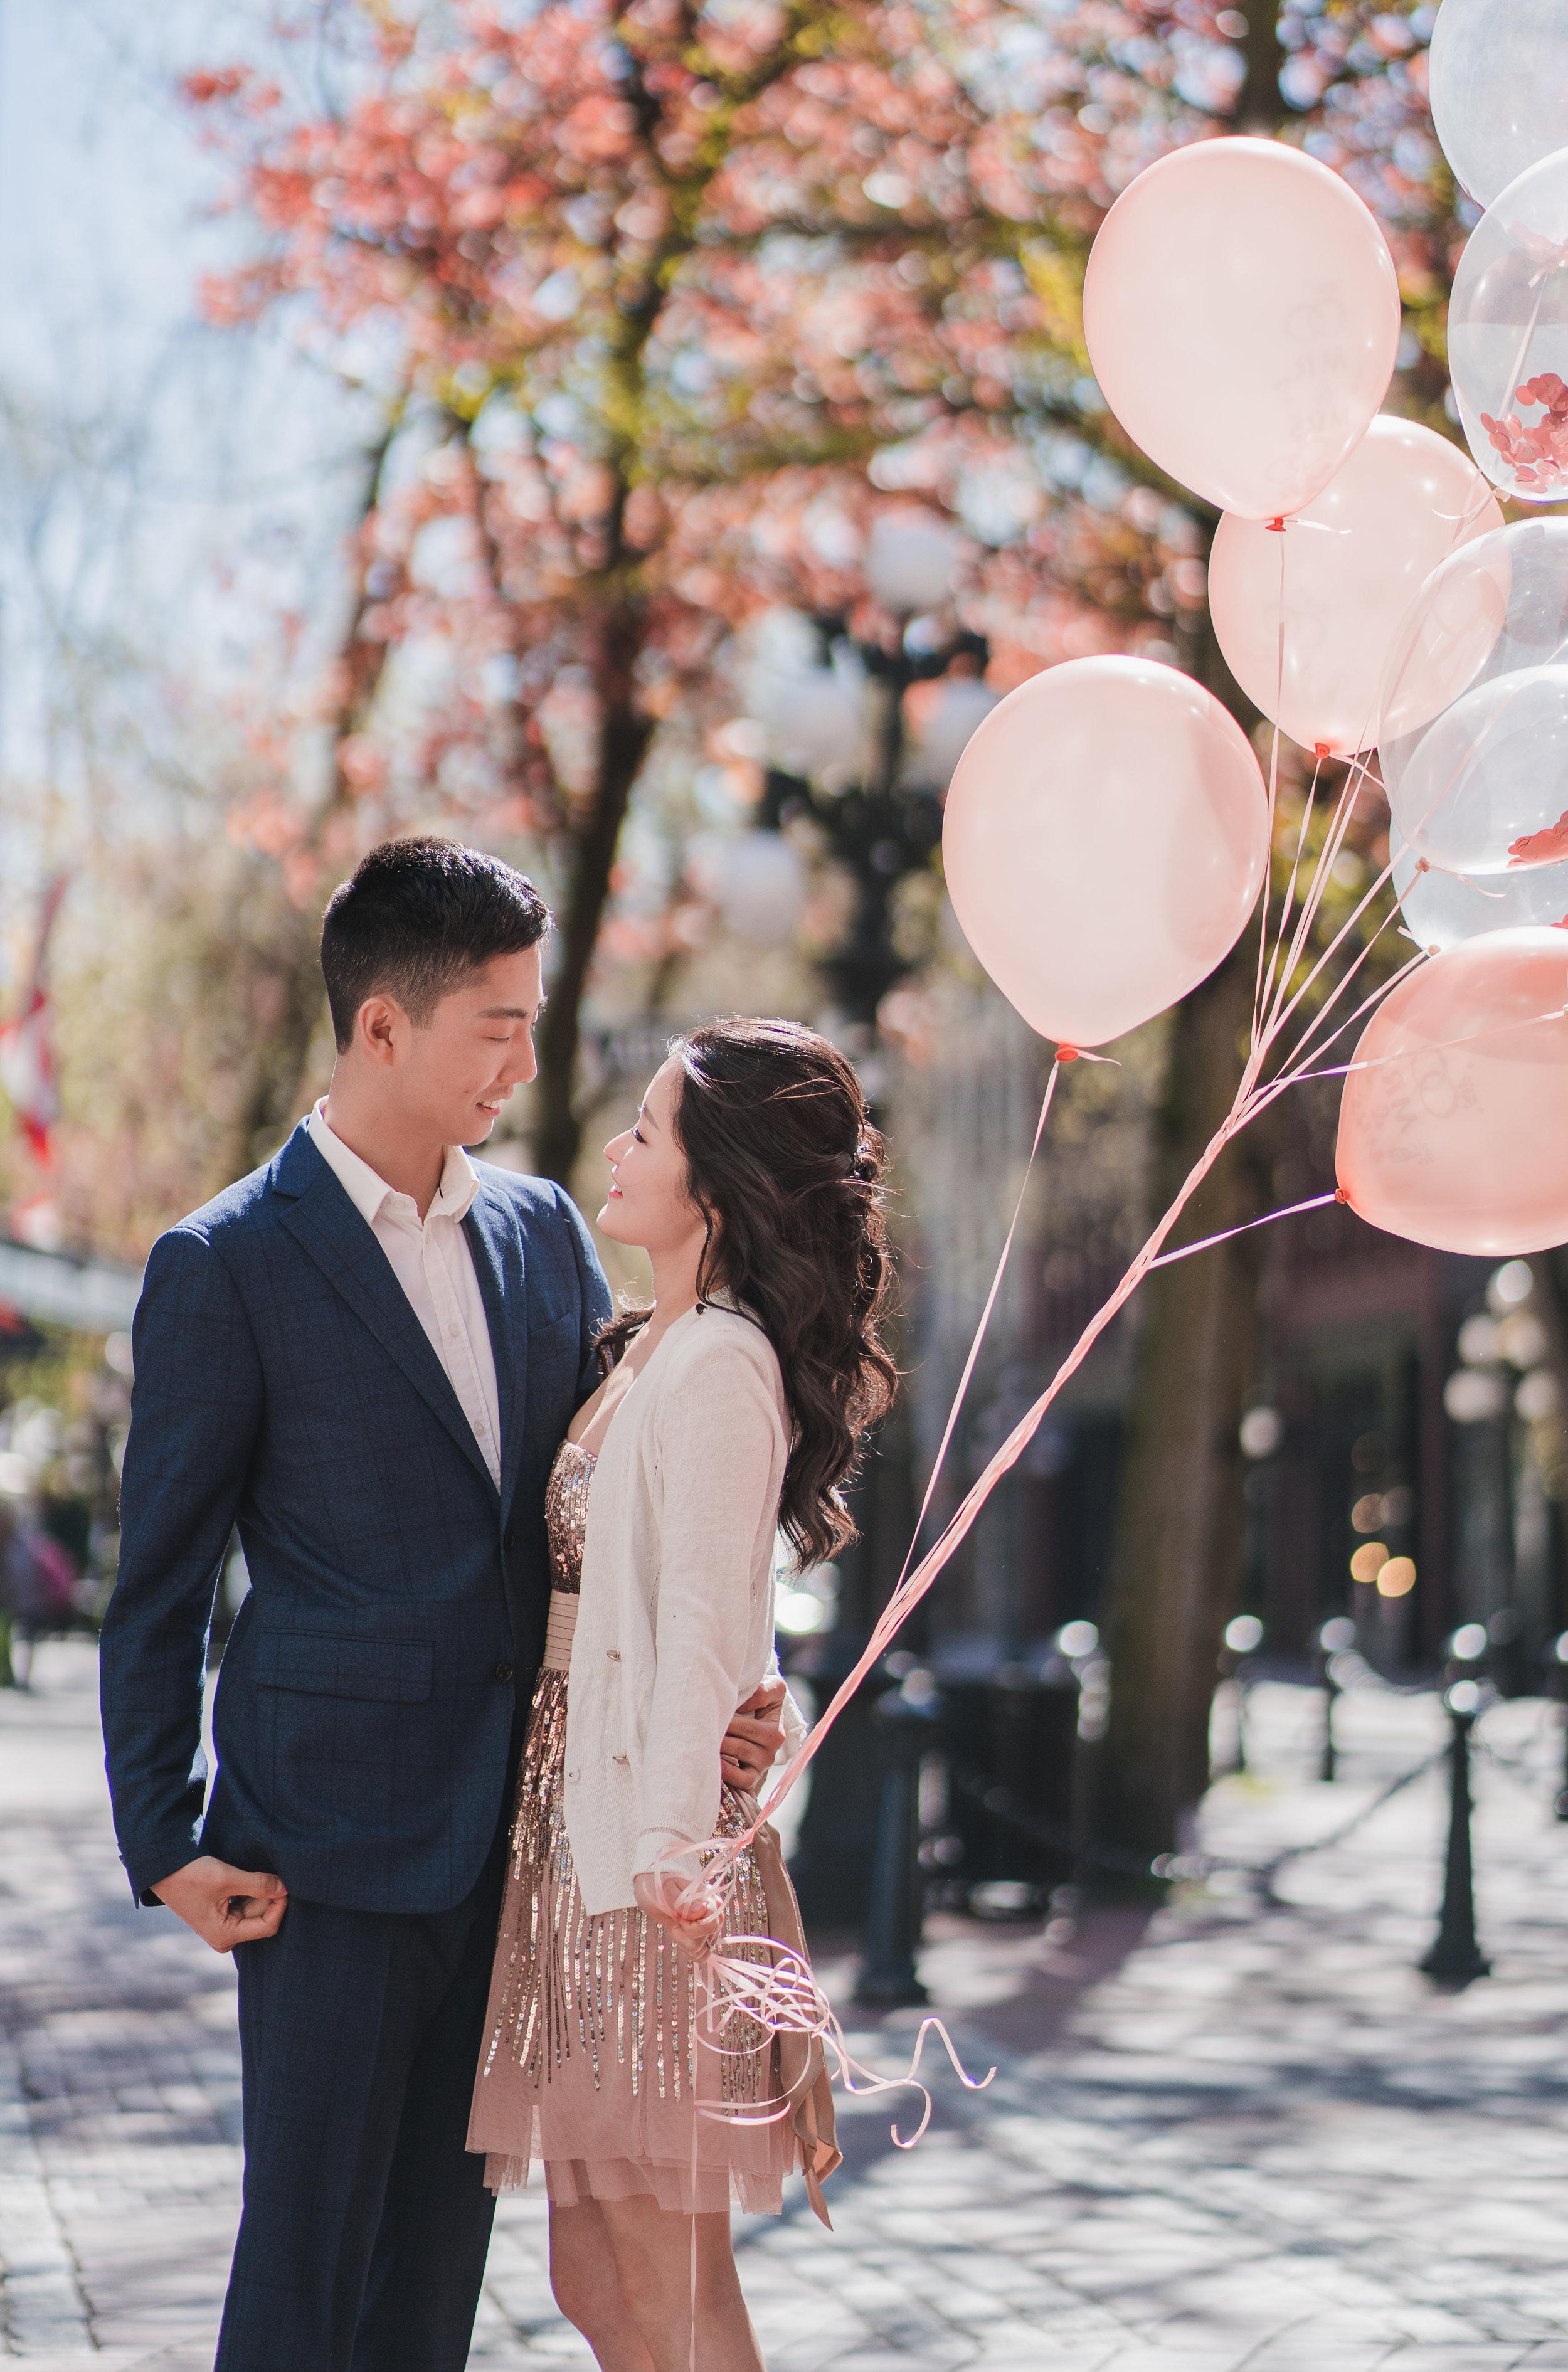 20190428 - Rachel & Brandon Engagement - 0062.jpg